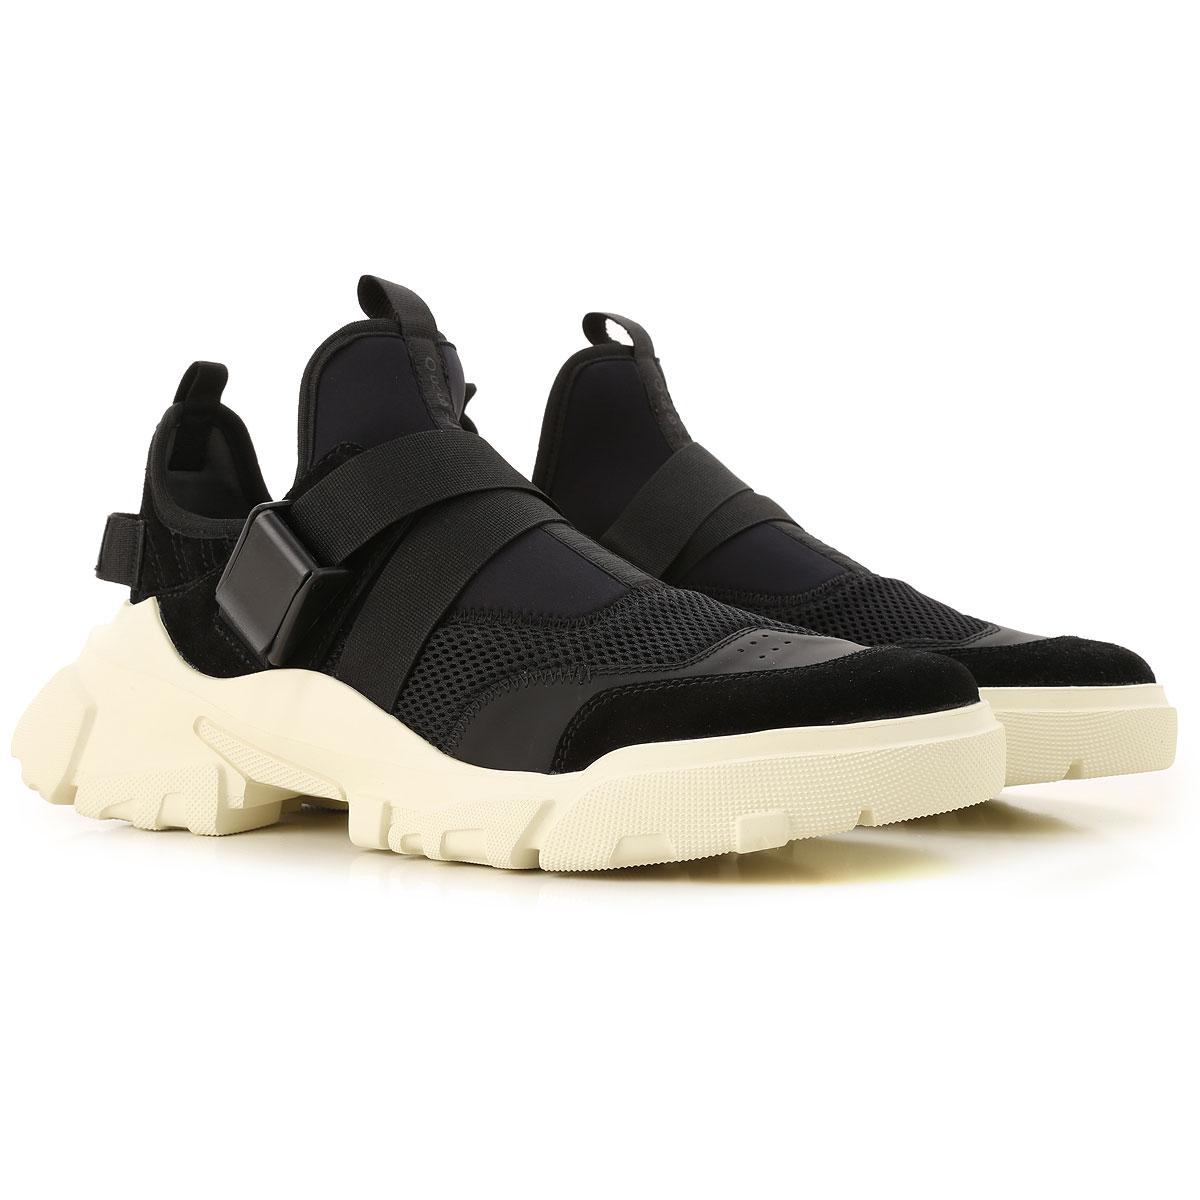 McQ Sneaker Homme Pas cher en Soldes, Orbyt Clip, Noir, Cuir, 2019, 40 41 43 44 45